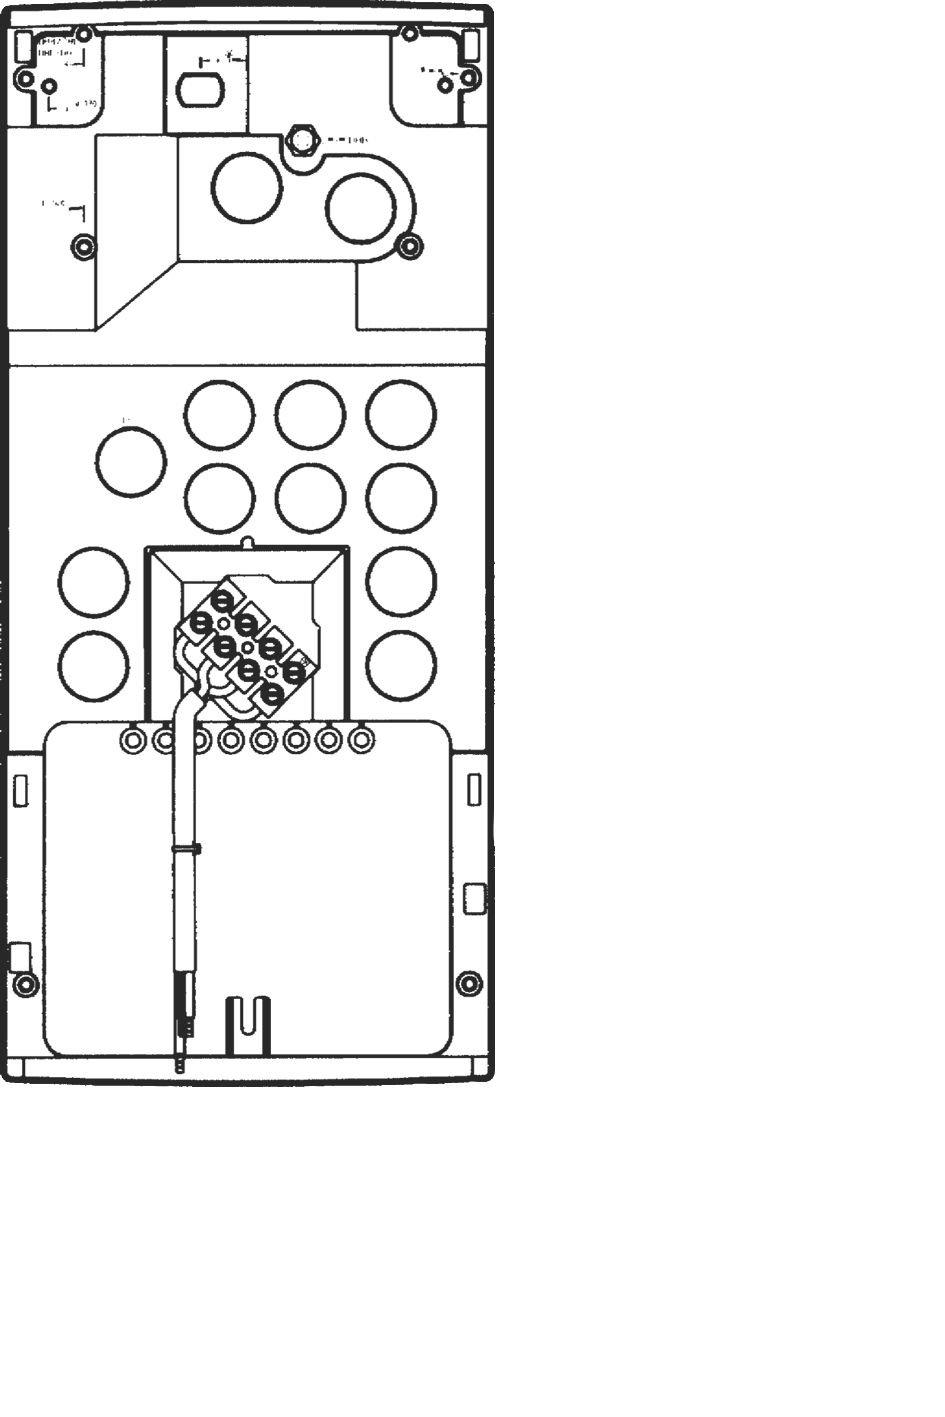 wei/ß kW 400 V Stiebel Eltron 227608 DHB 18 ST elektronisch gesteuerter Durchlauferhitzer W